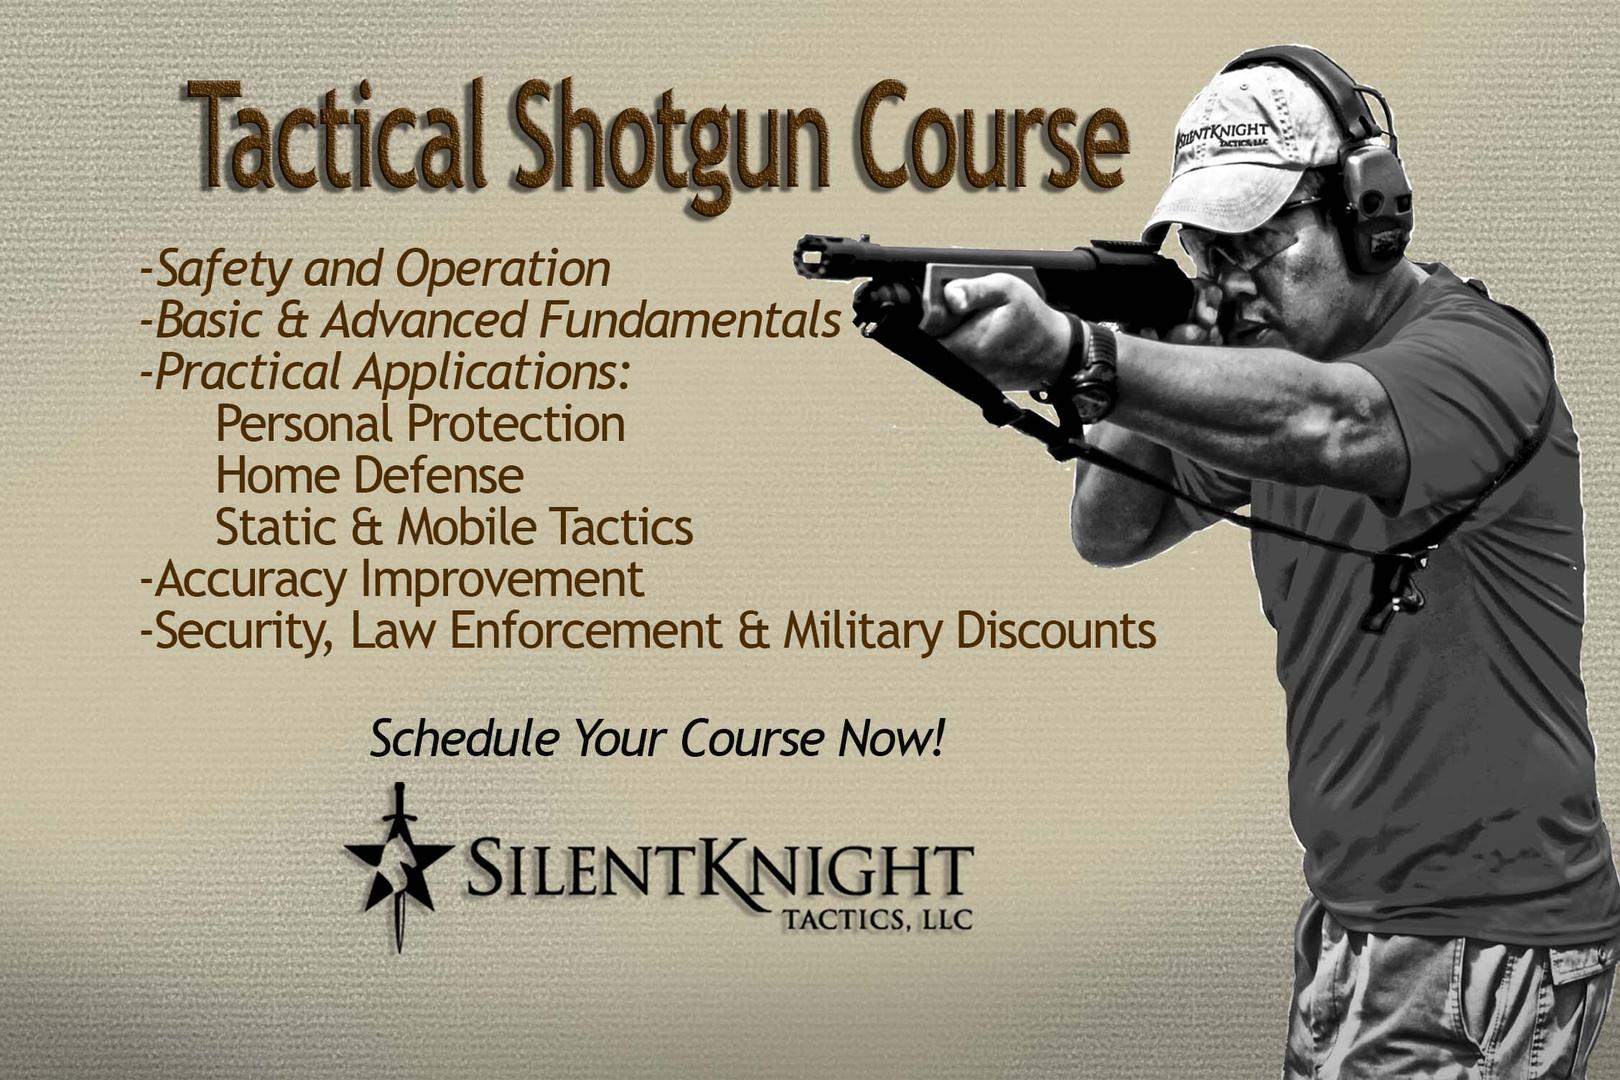 SilentKnight Tactics, LLC image 2